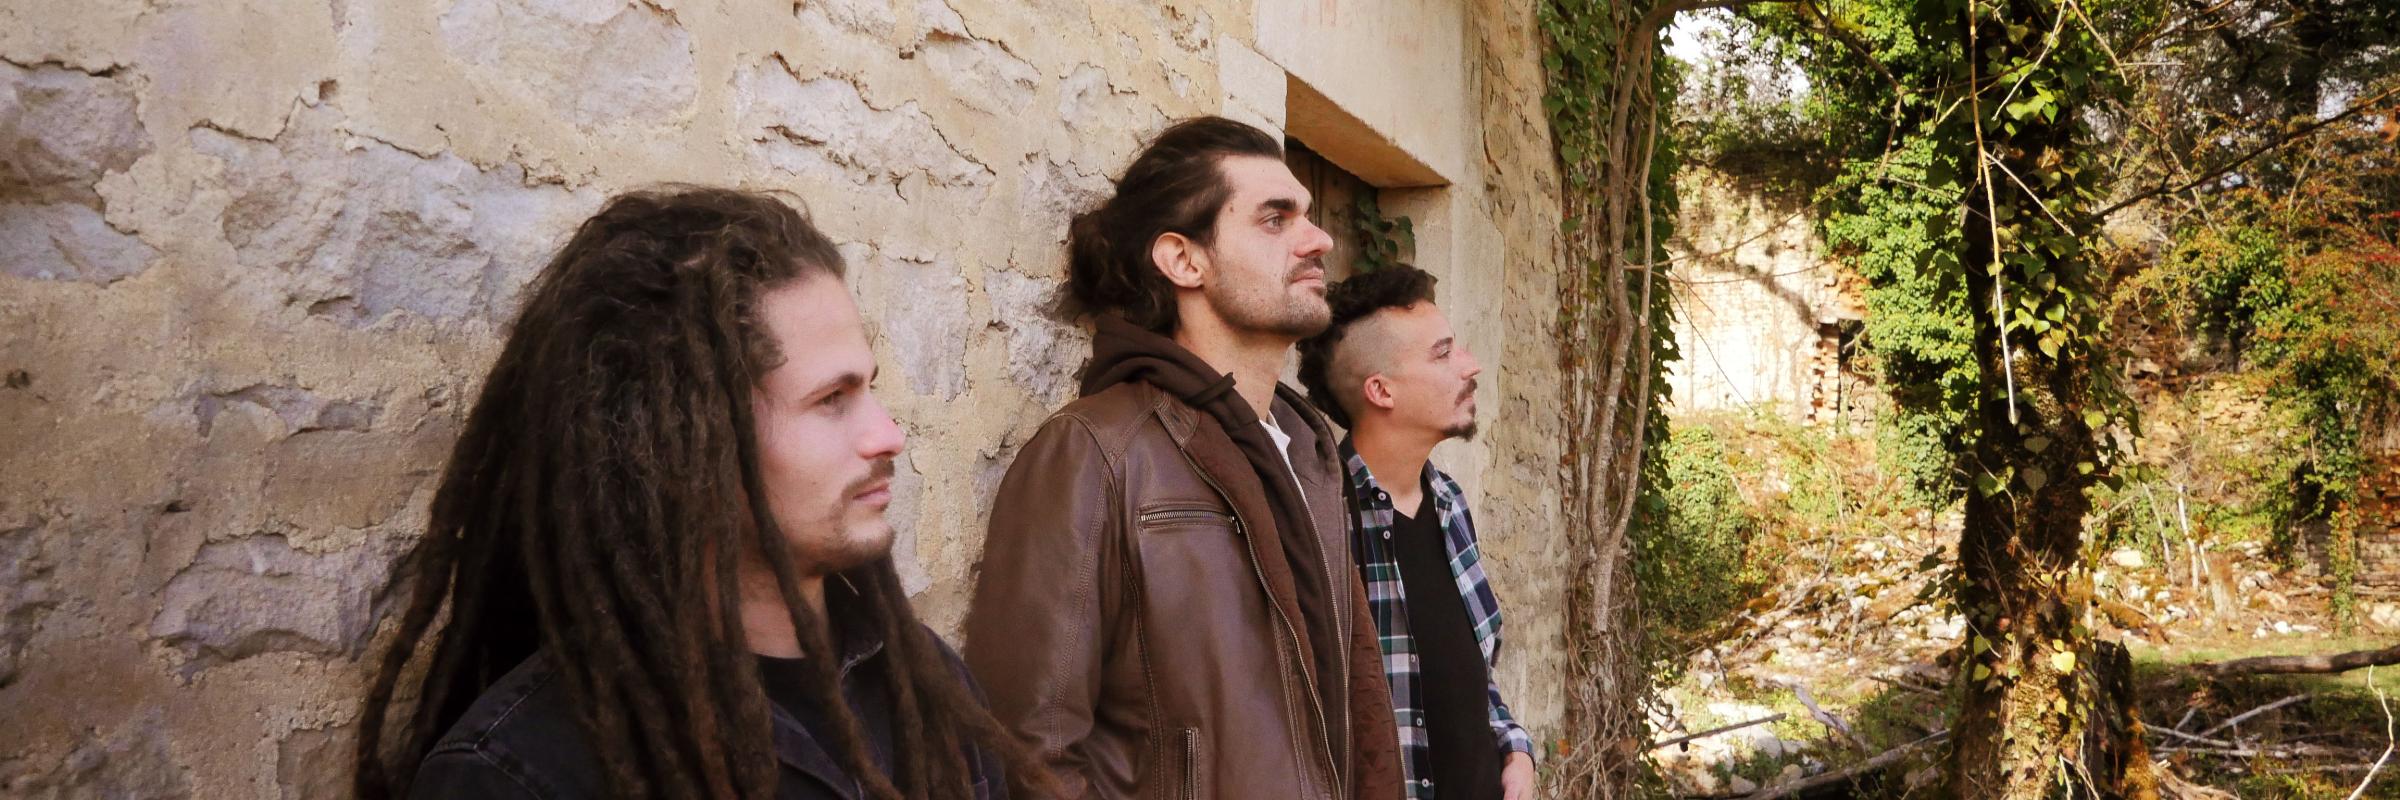 Wildation, groupe de musique Rock en représentation à Haute Marne - photo de couverture n° 1